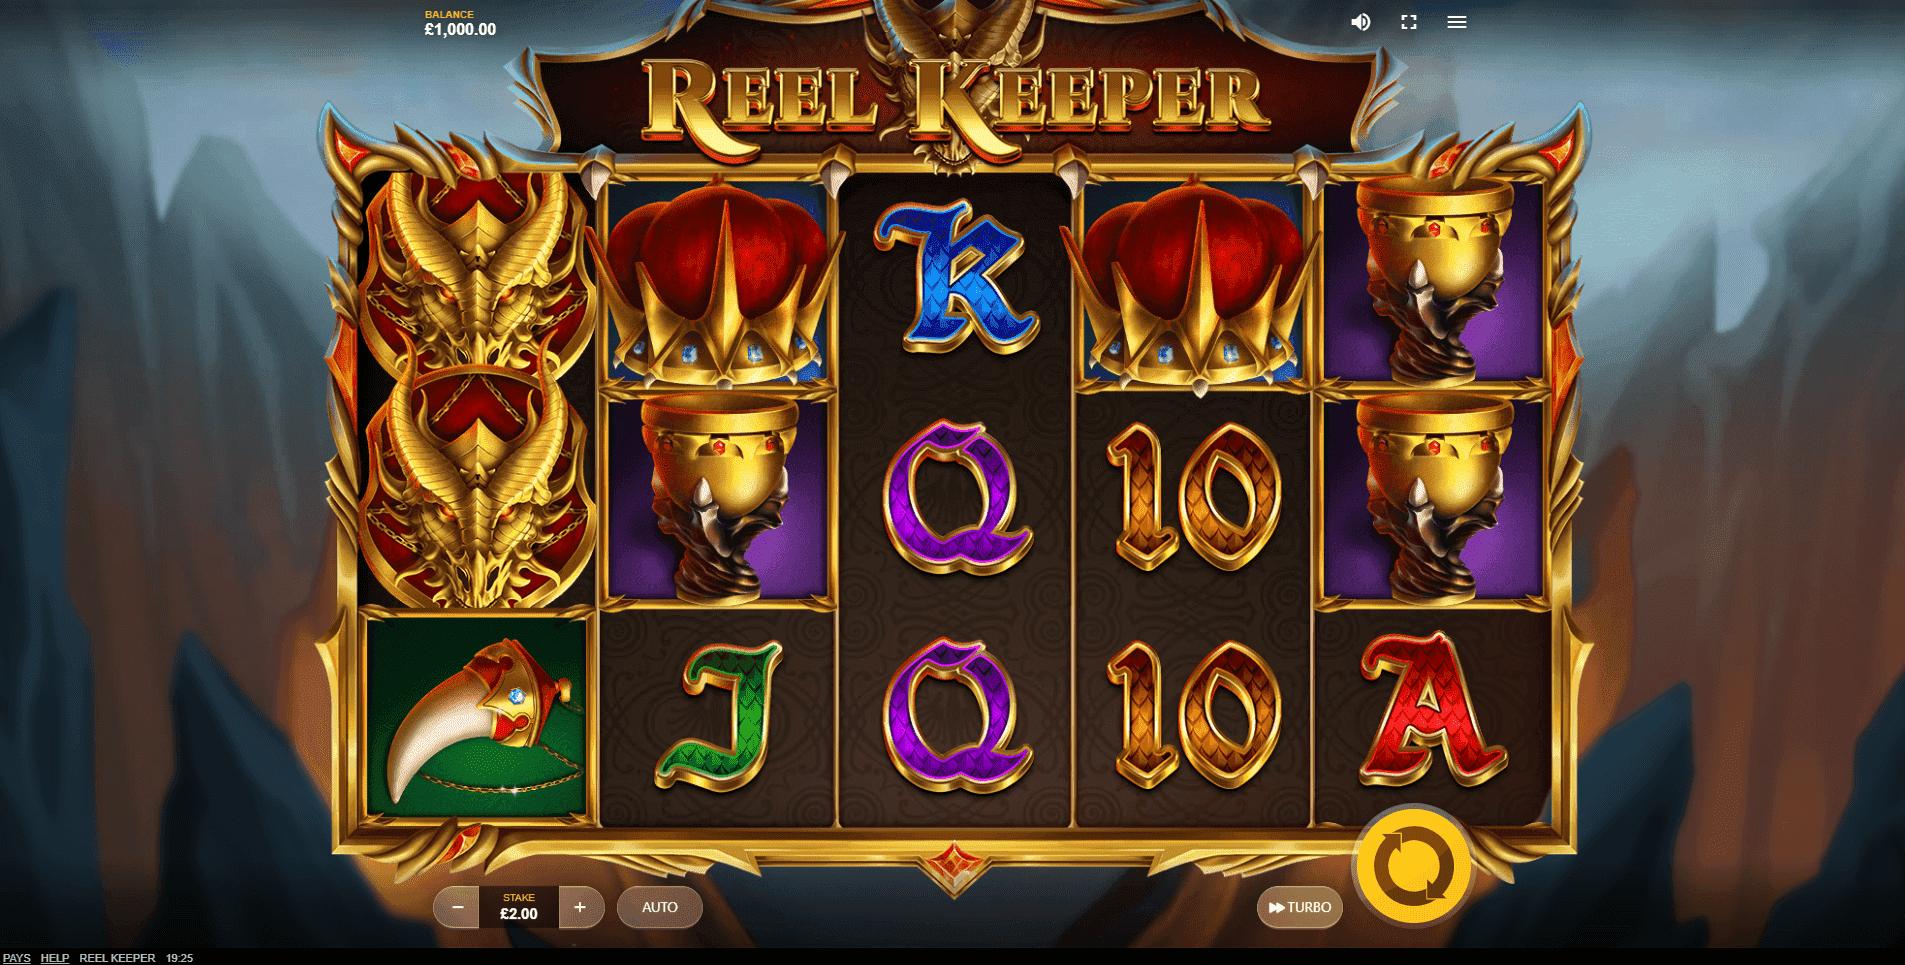 Reel Keeper slot machine screenshot